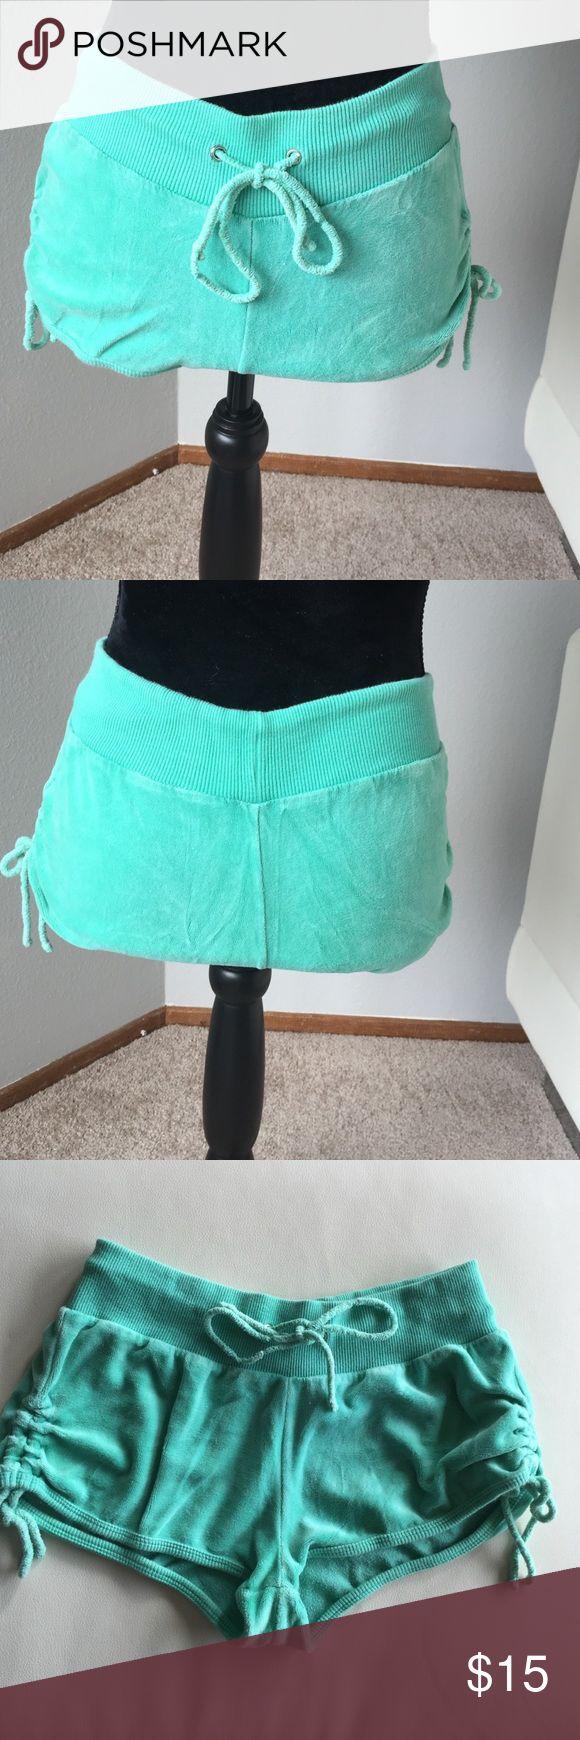 Calzedonia green velour shorts Calzedonia green velour shorts. Short shorts :) Calzedonia Shorts